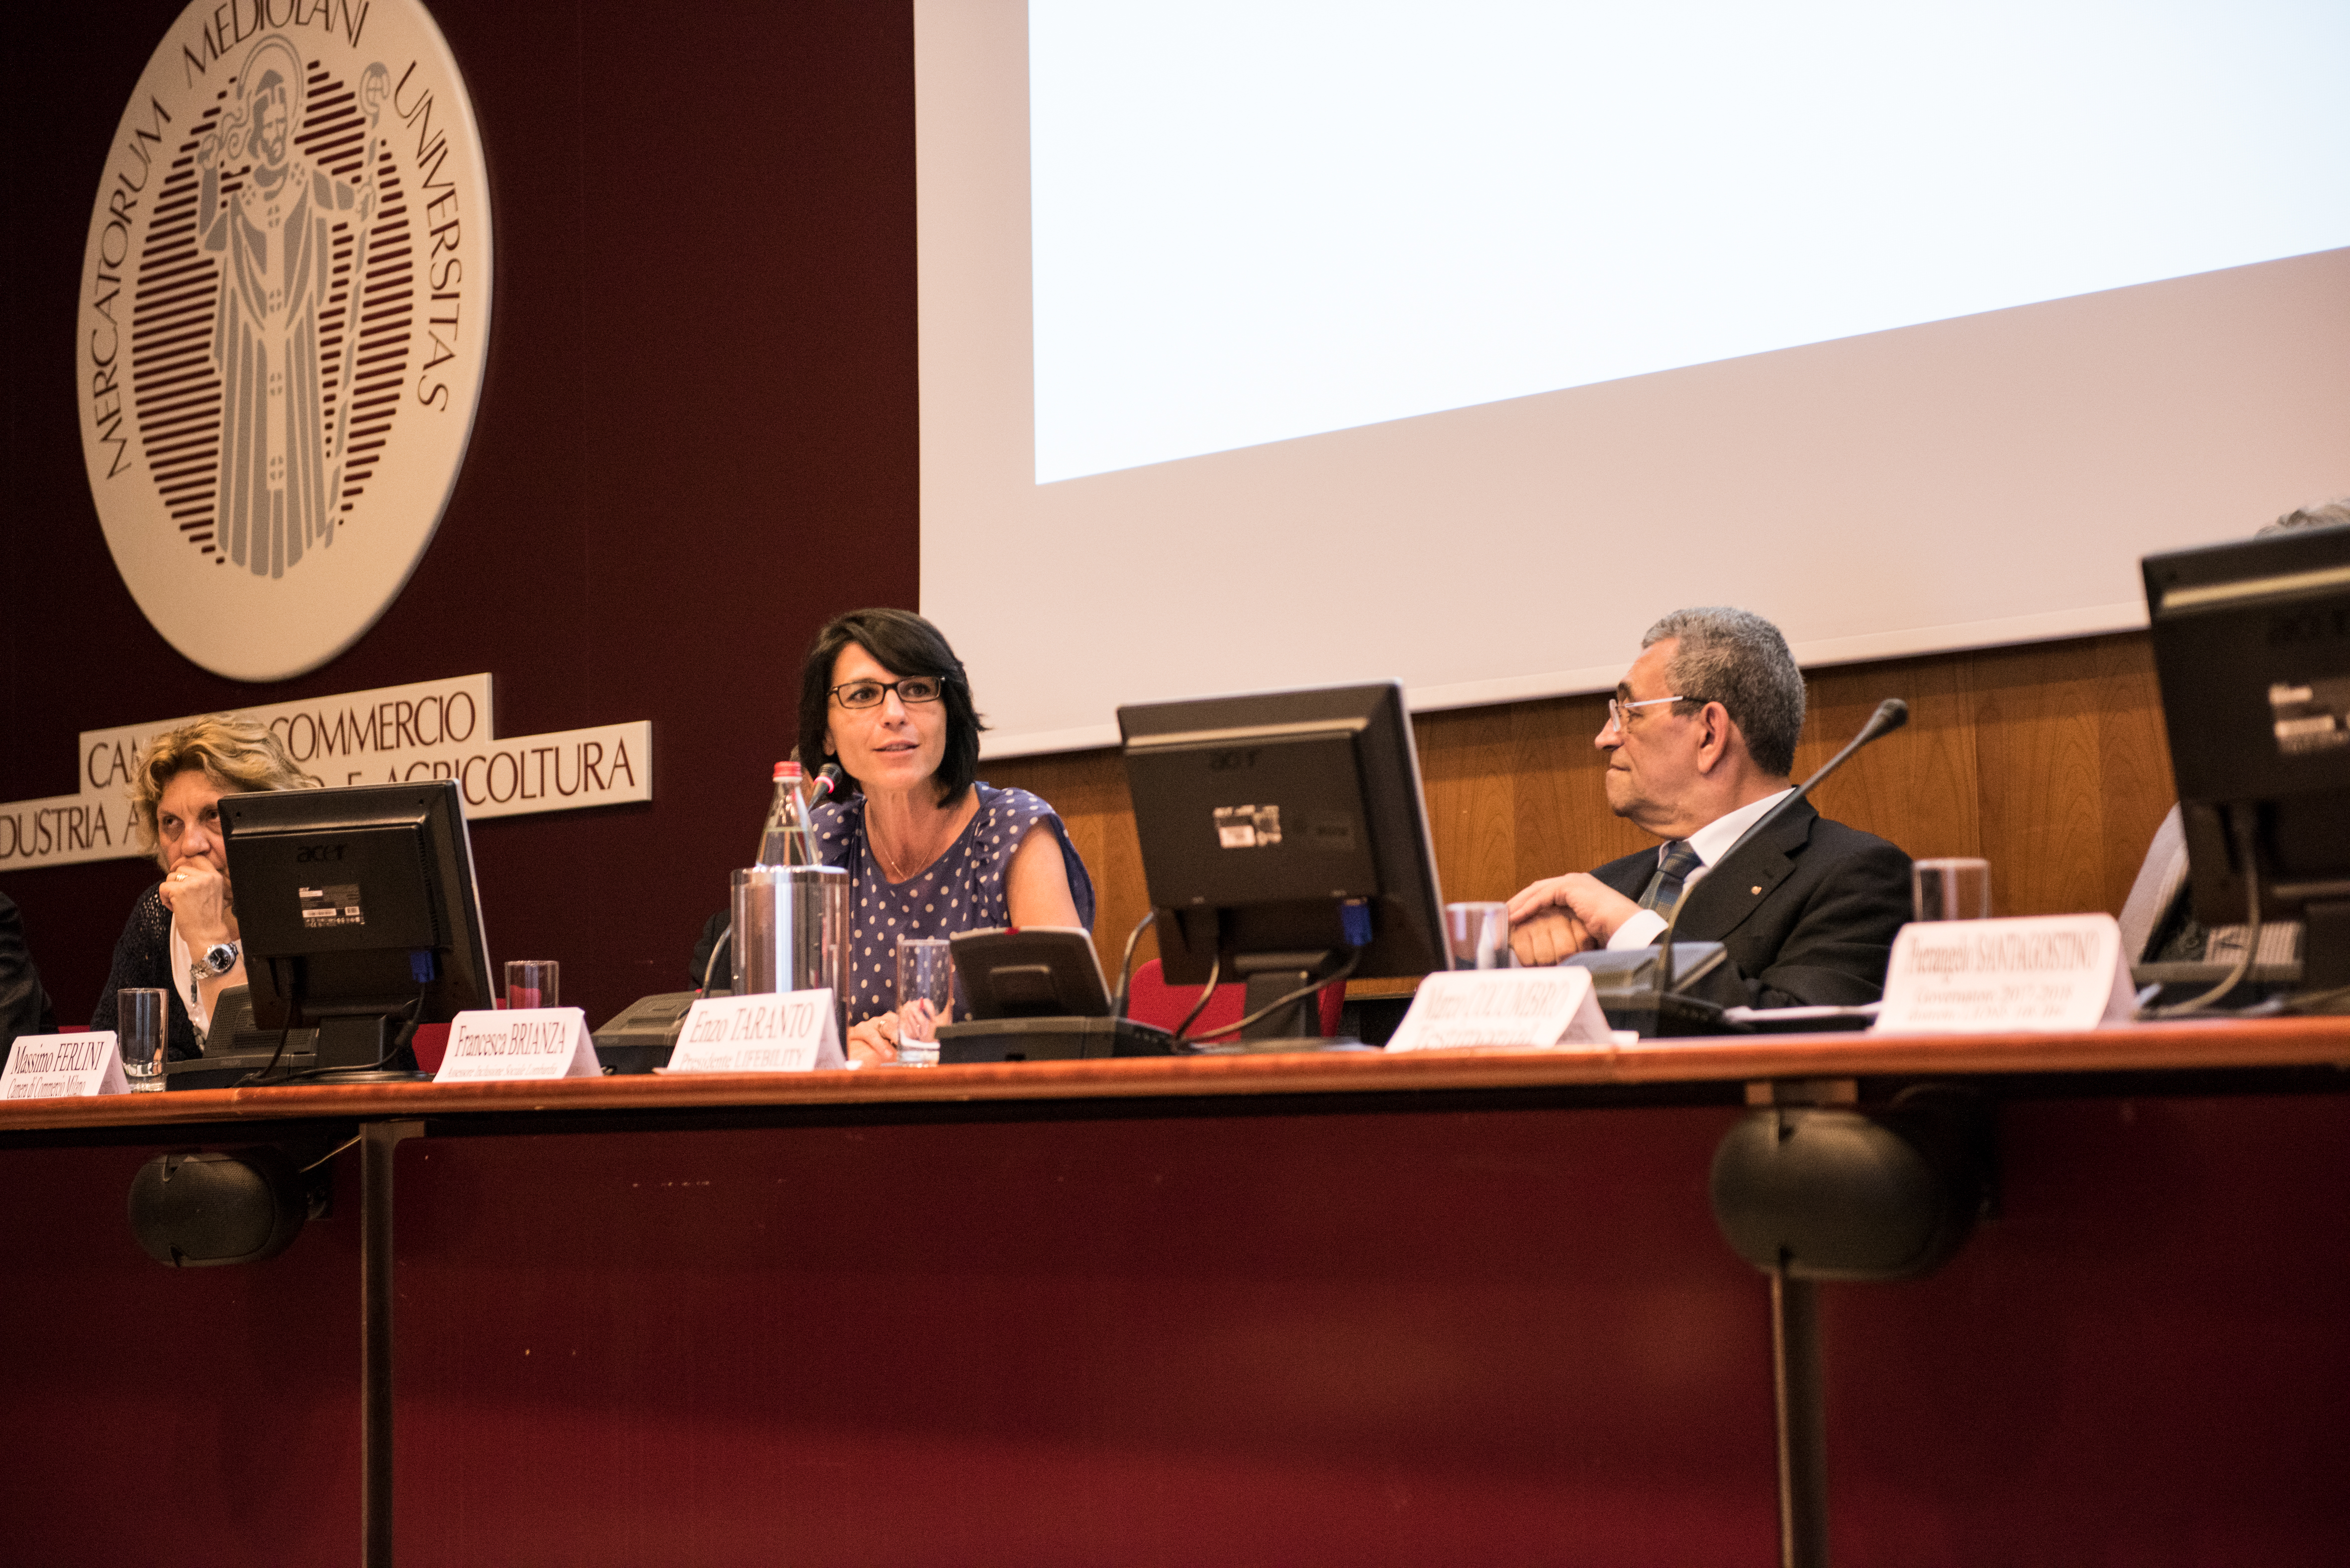 Da sinistra: Maria Grazia Demaria (Referente Progetto USR Lombardia), Francesca Brianza (Assessore Inclusione Sociale Lombardia), Enzo Taranto (Presidente Associazione Lifebility).